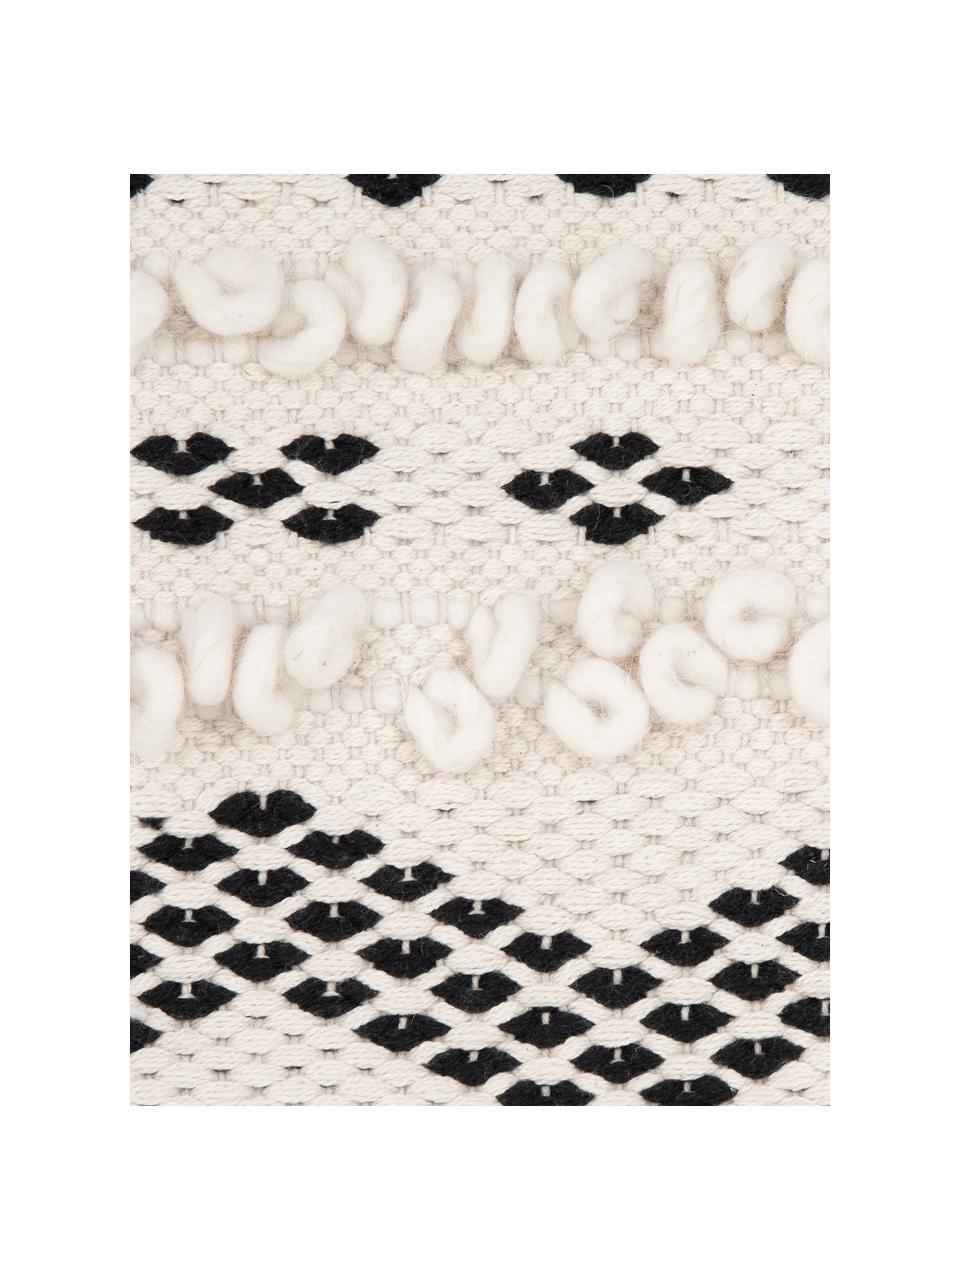 Boho Kissenhülle Paco mit dekorativer Verzierung, 80% Baumwolle, 20% Wolle, Ecru, Schwarz, 45 x 45 cm